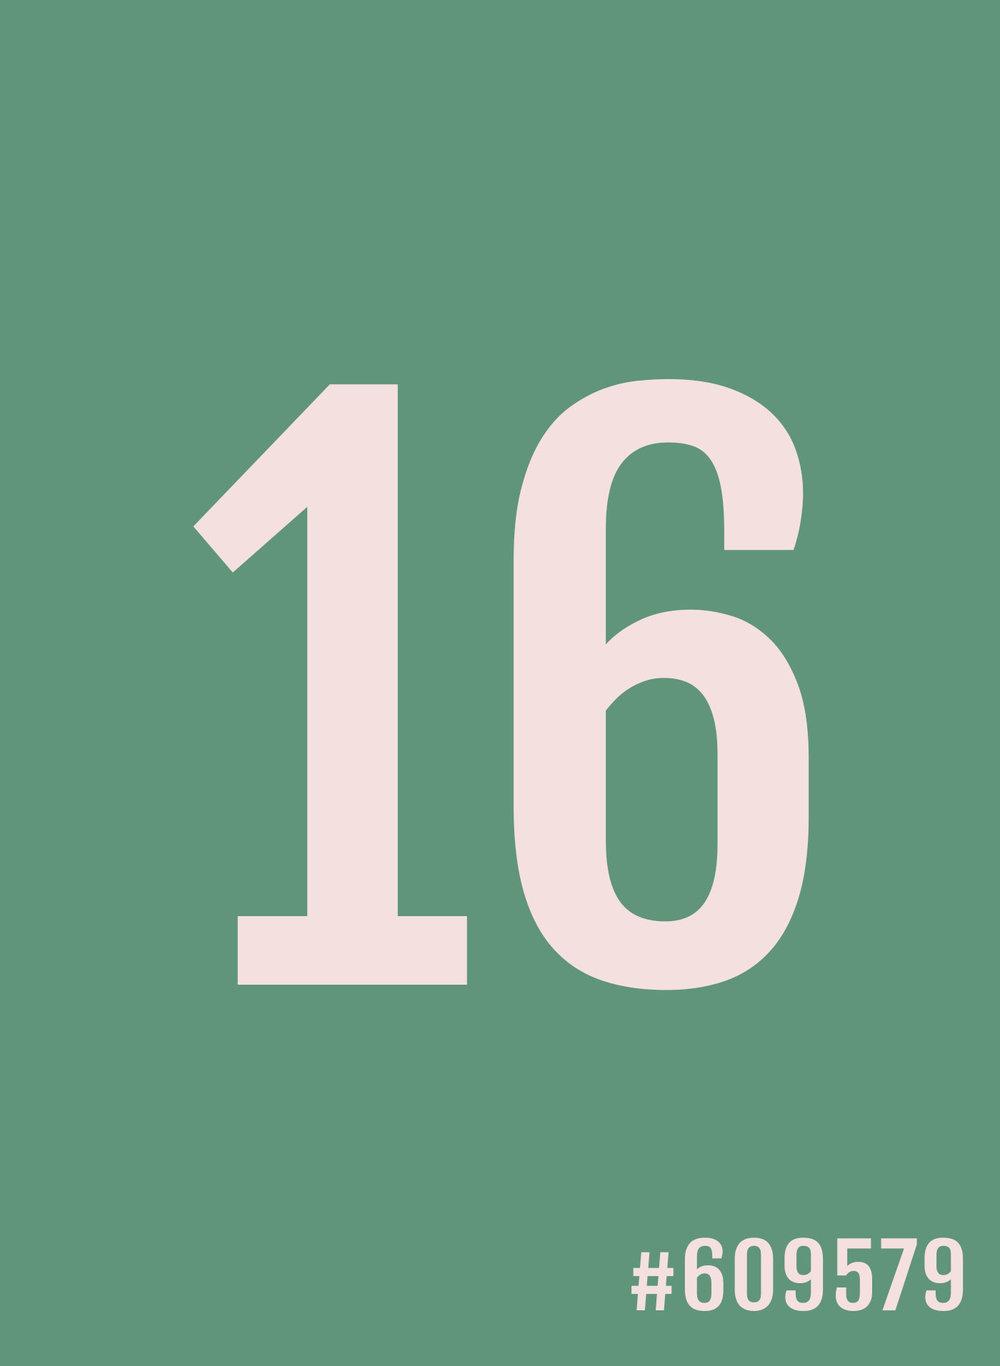 16.jpg